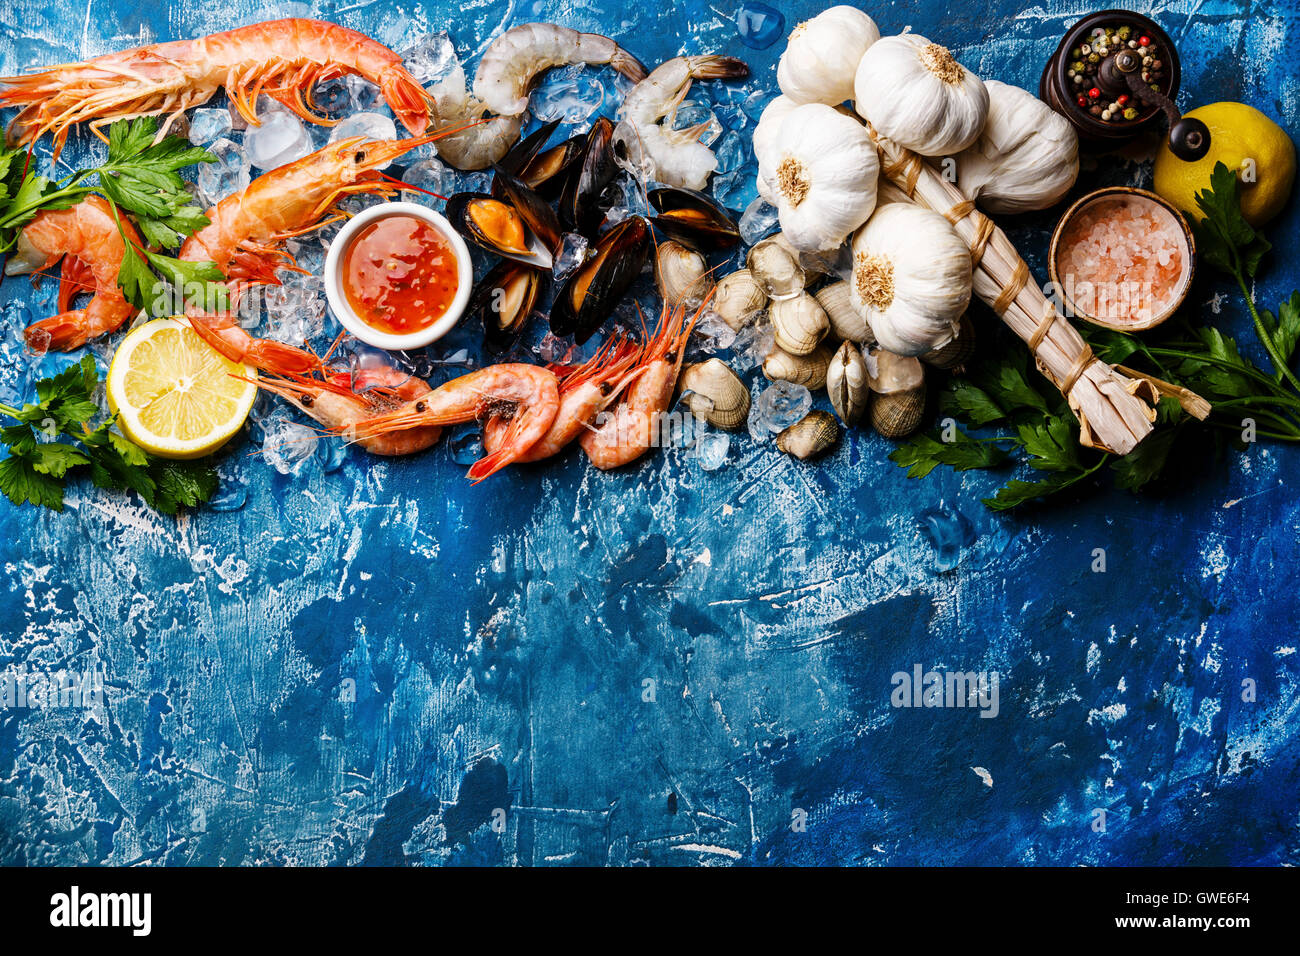 Copie de fruits de mer avec l'arrière-plan de l'espace matière première fraîche crevettes, Photo Stock